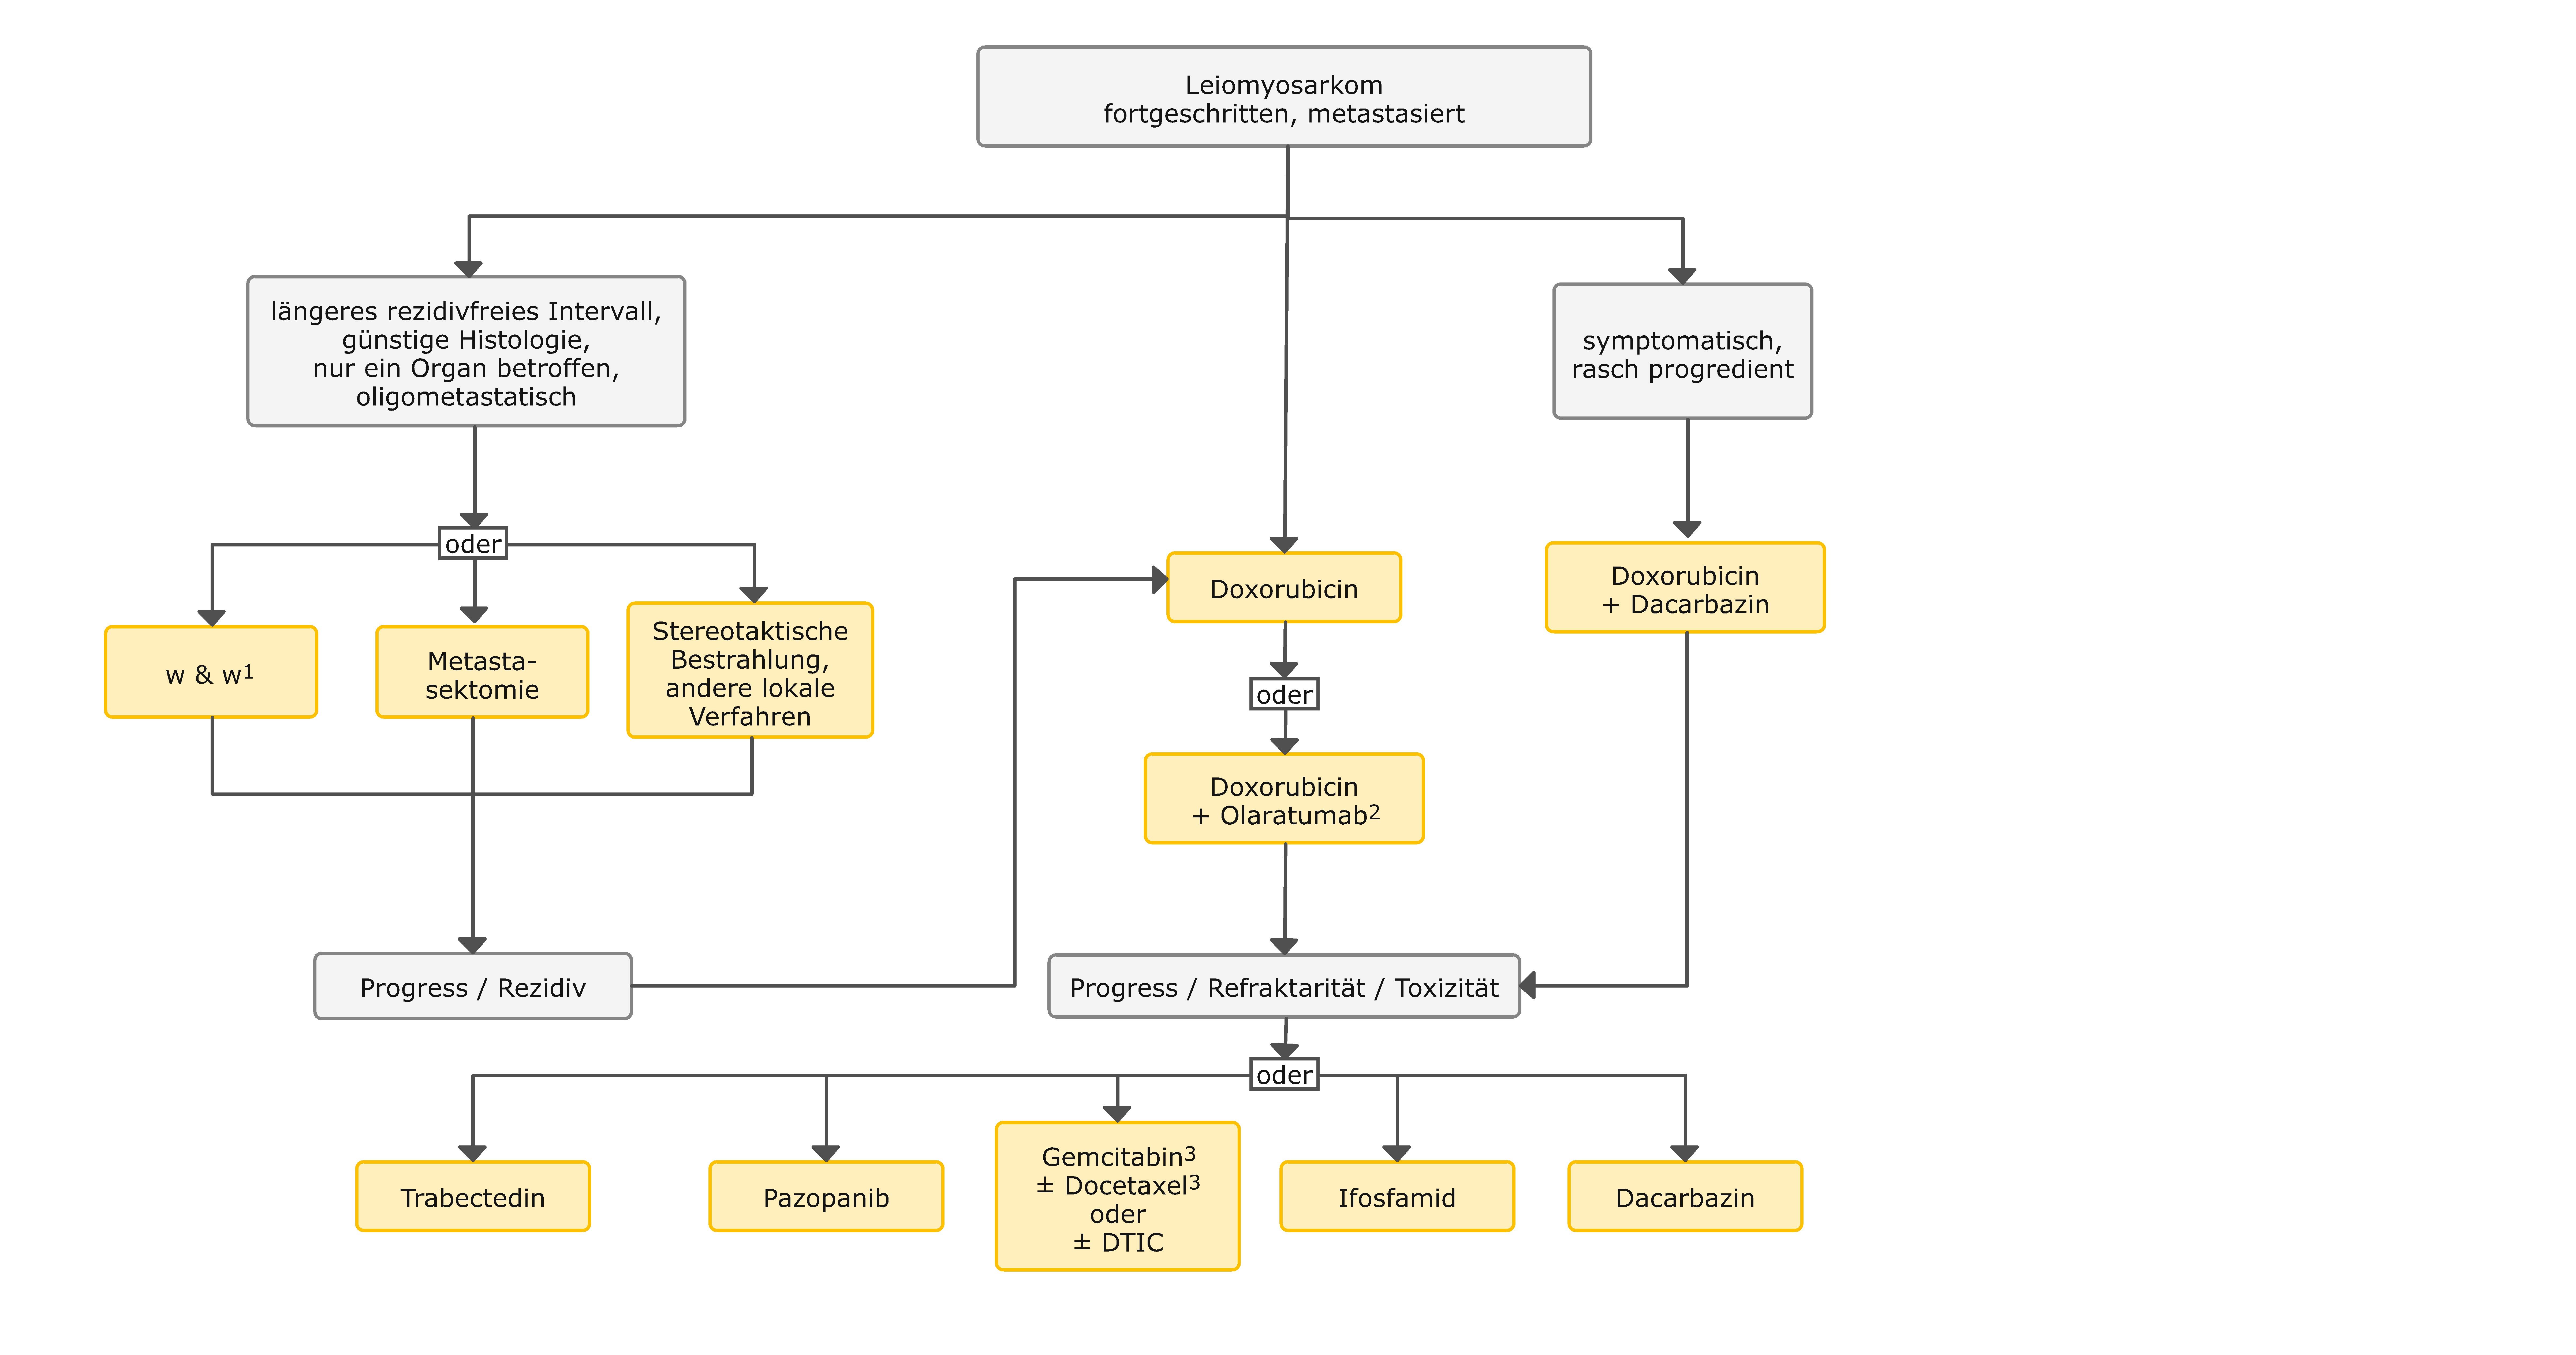 Therapiealgorithmus beim fortgeschrittenen Leiomyosarkom